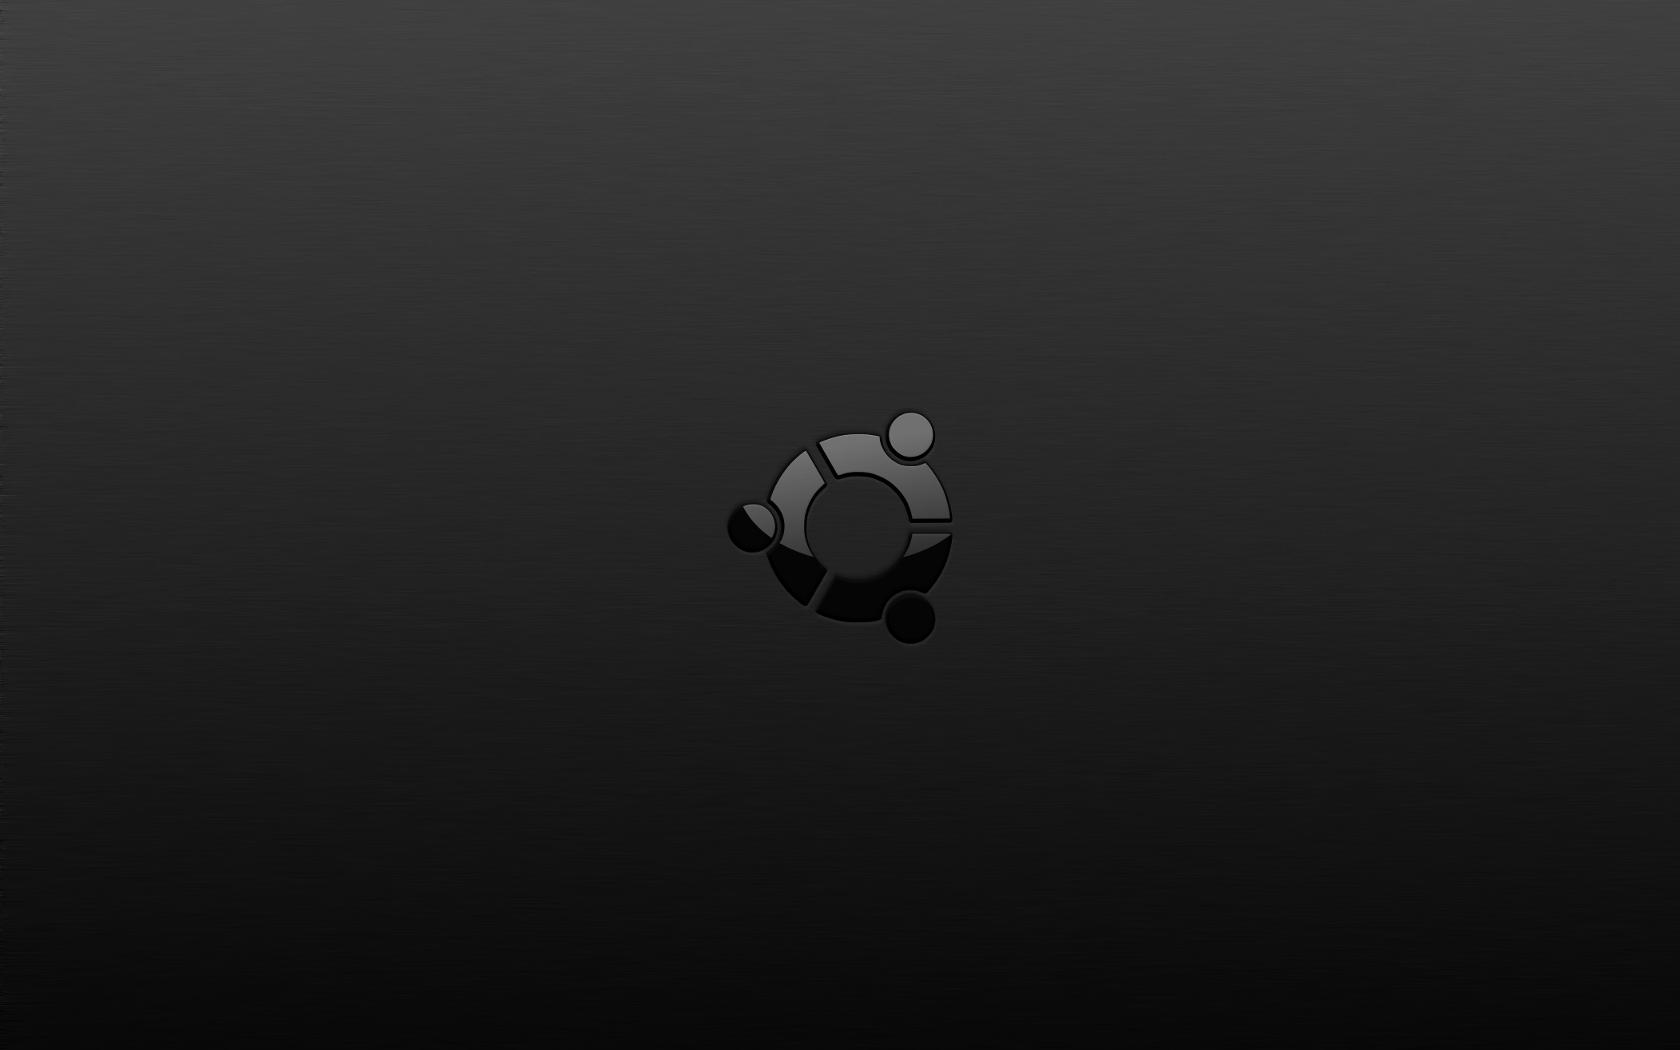 Dark Ubuntu Wallpapers